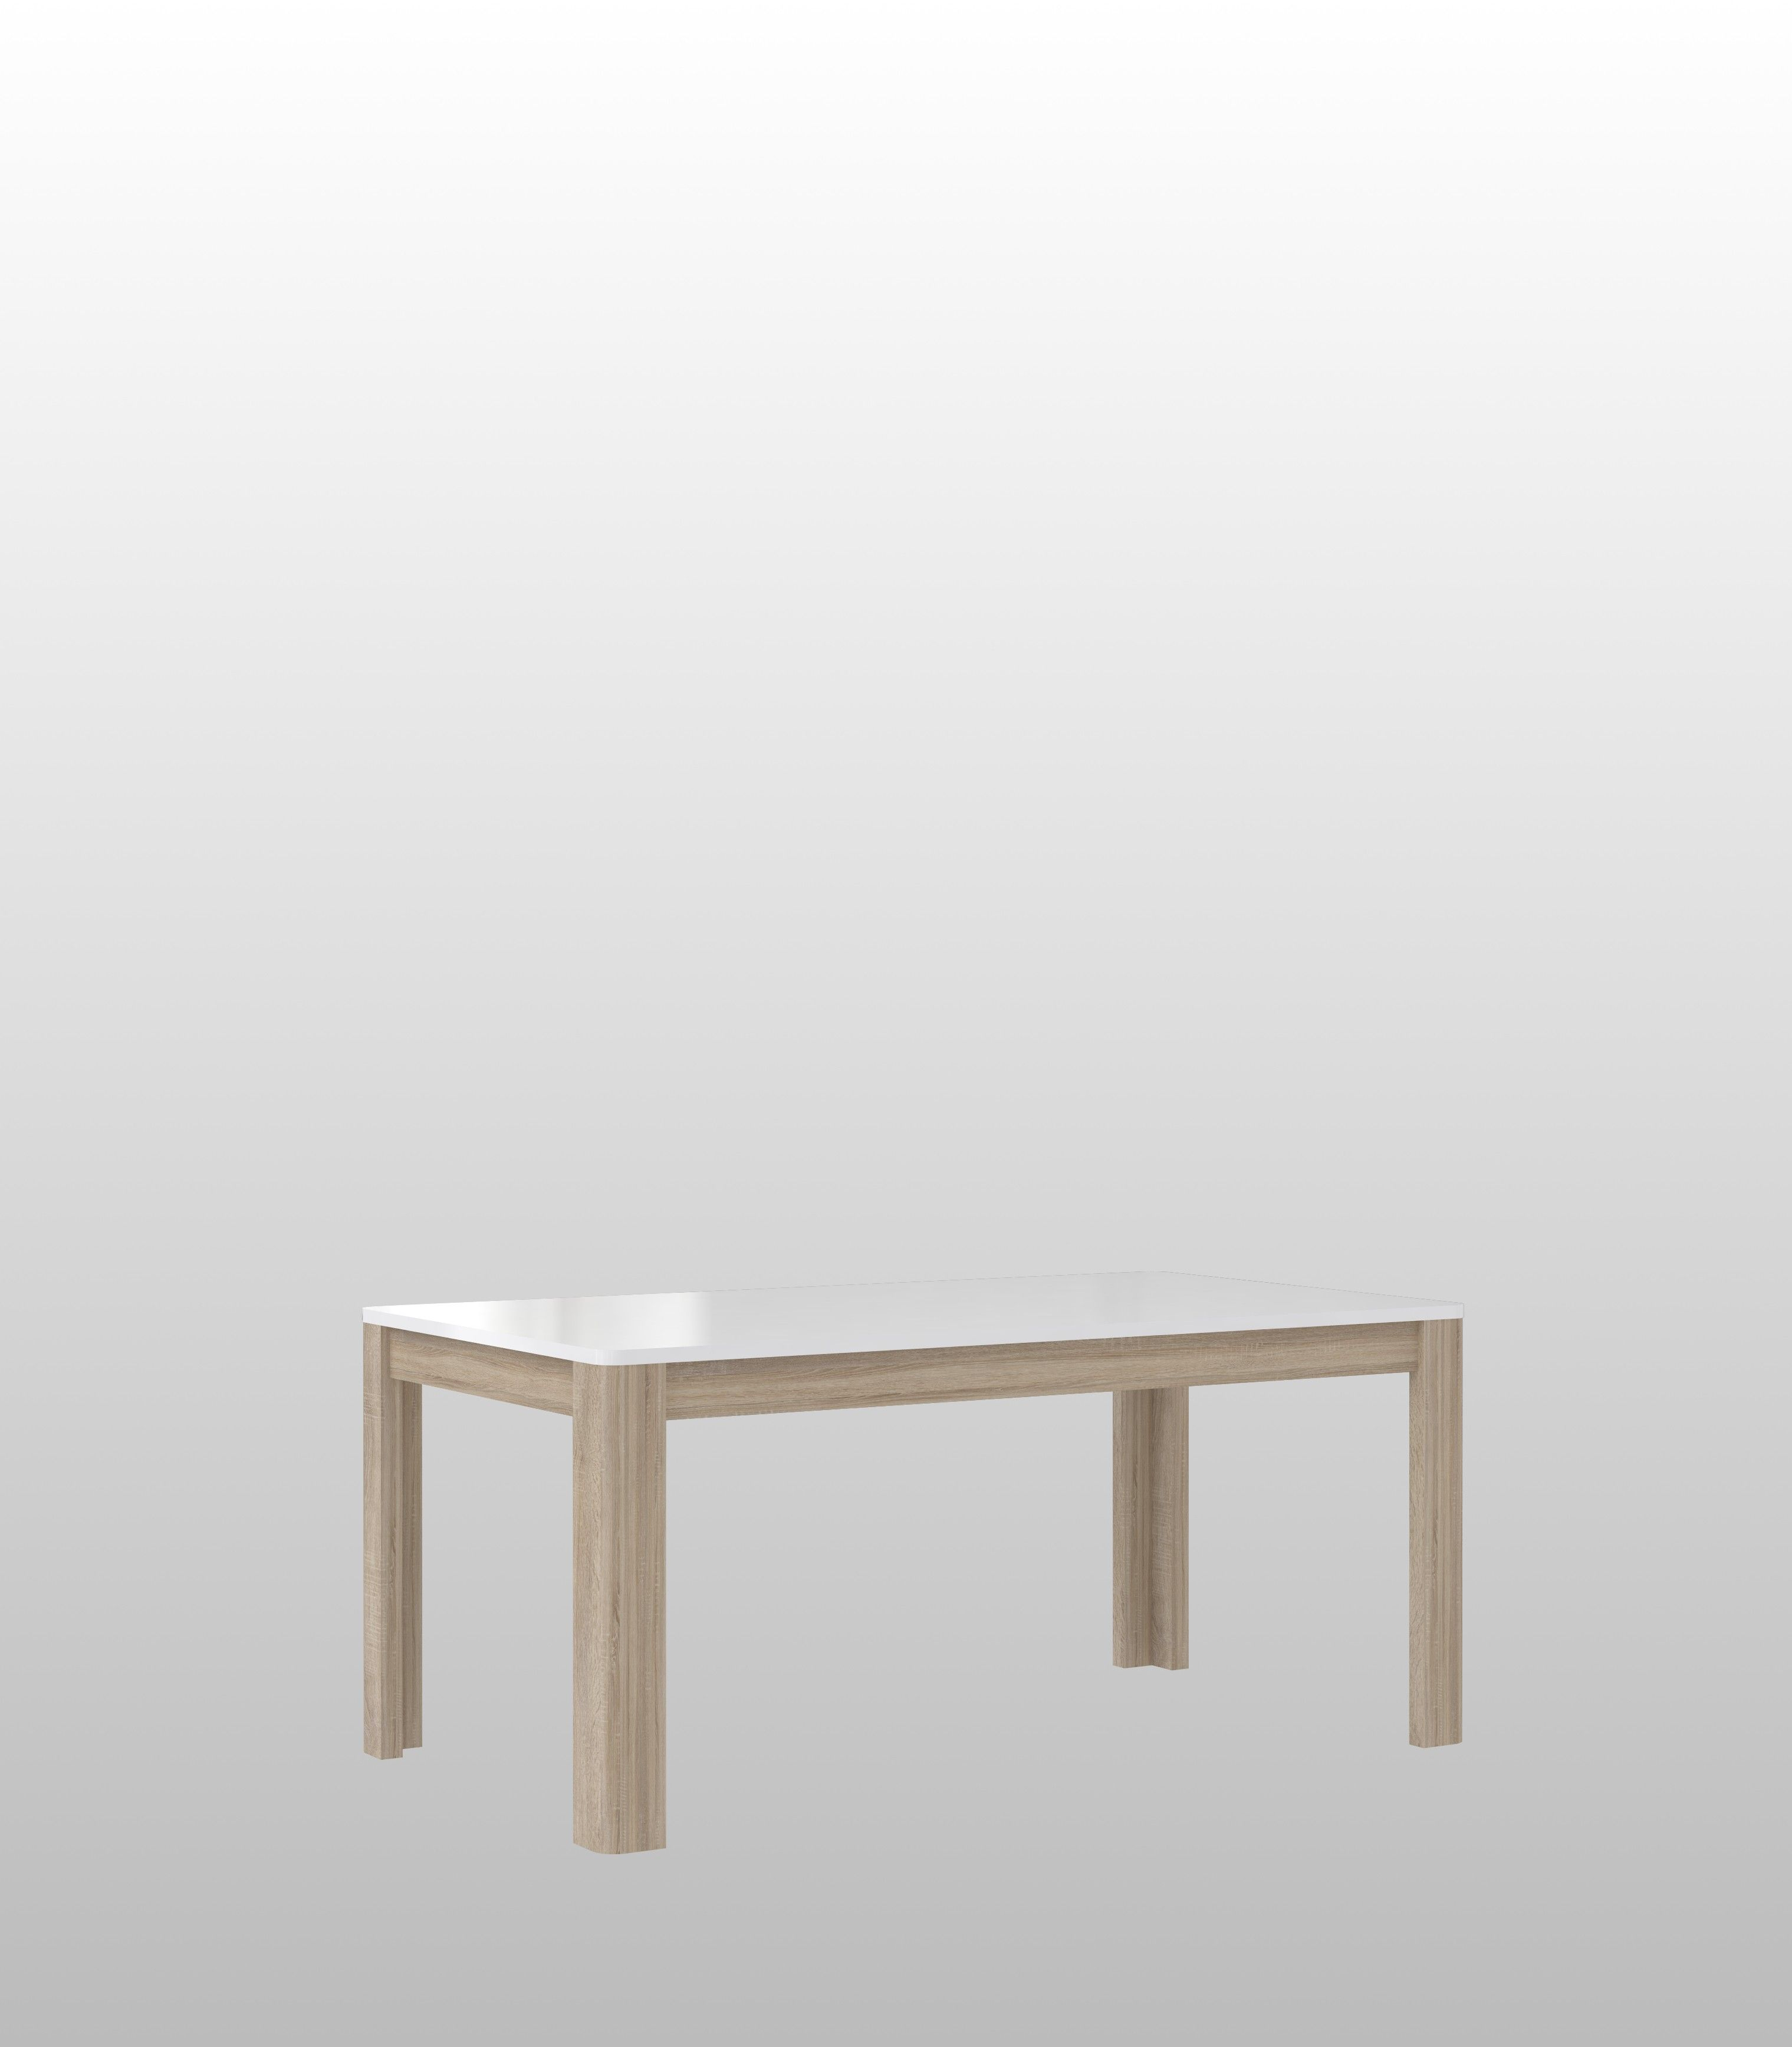 a90d38e6042cc414710dd0b095ef4373 Frais De Conforama Table Chaise Des Idées